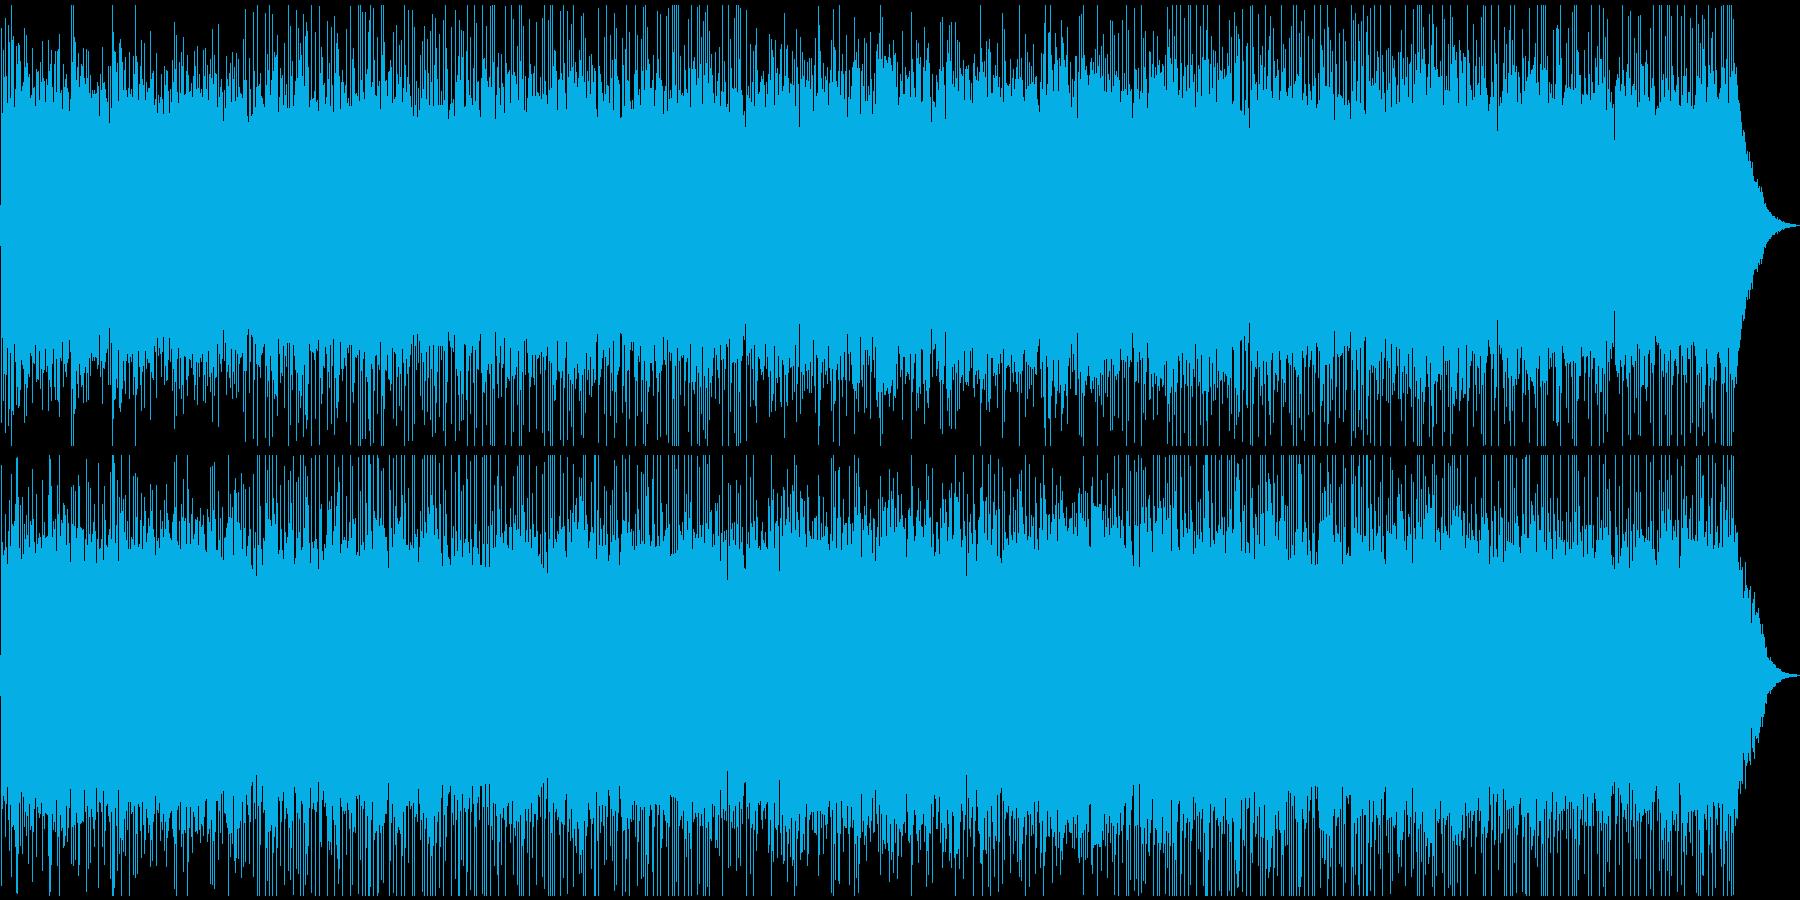 ギターサウンドの未来風壮大なロックの再生済みの波形